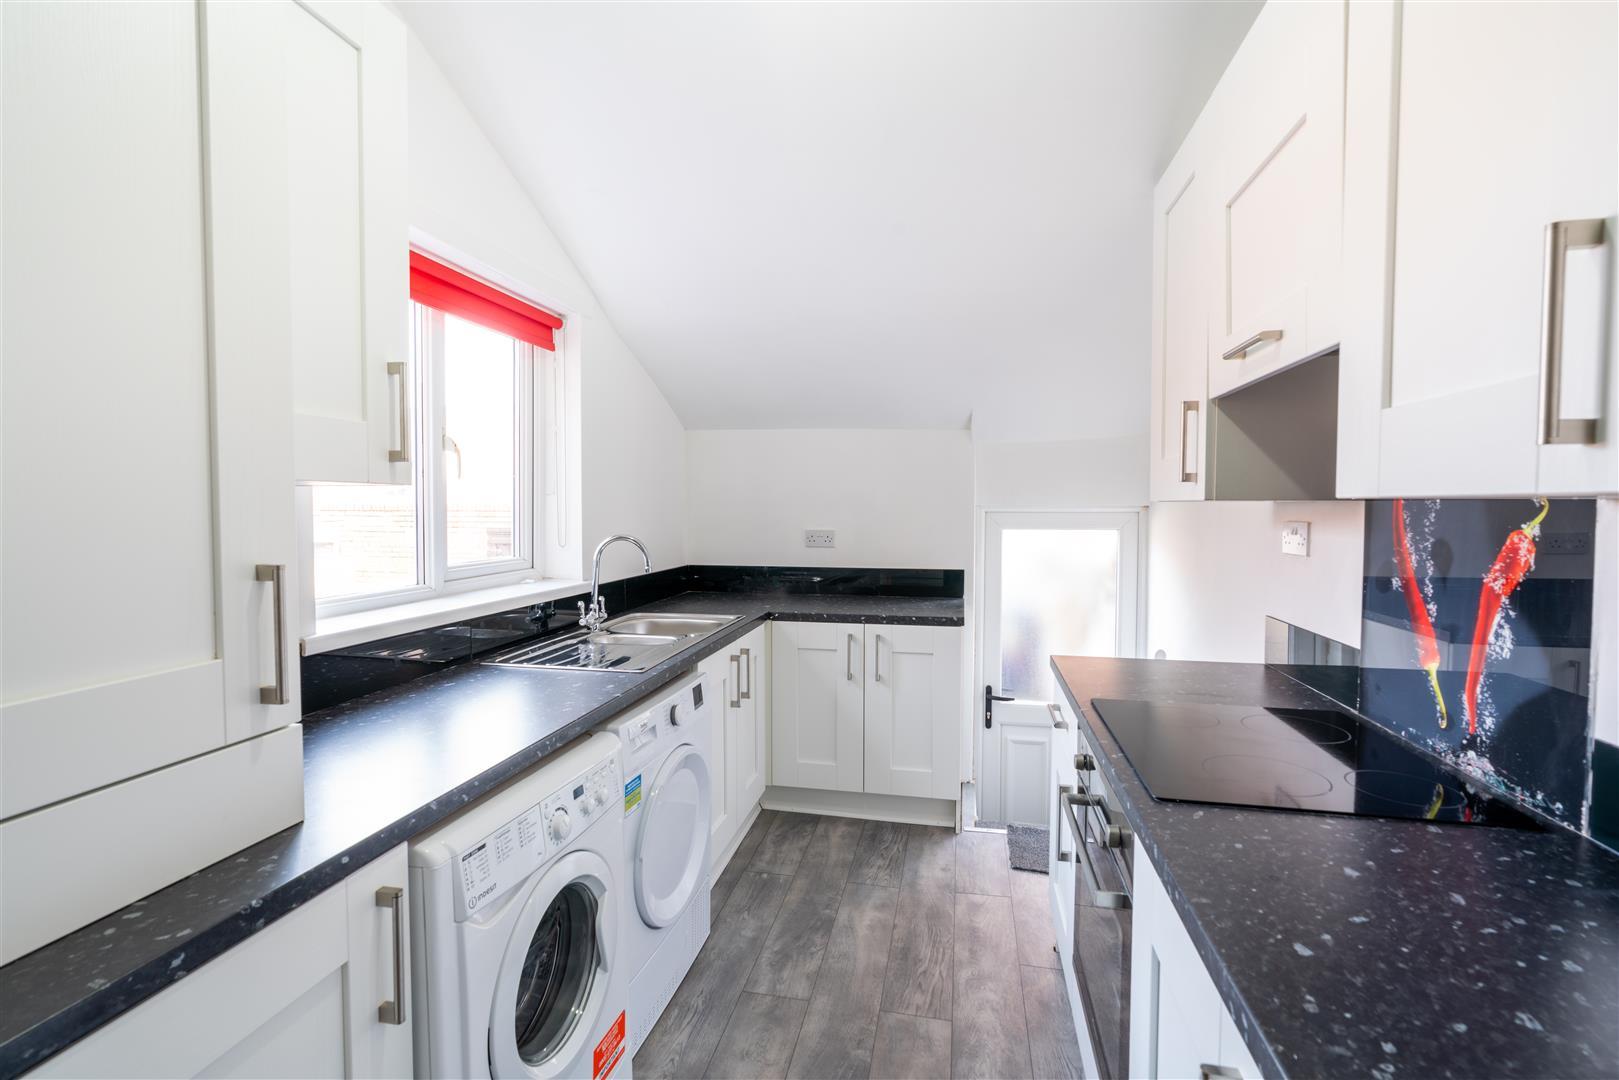 4 bed maisonette to rent in Gateshead, NE8 3TS, NE8